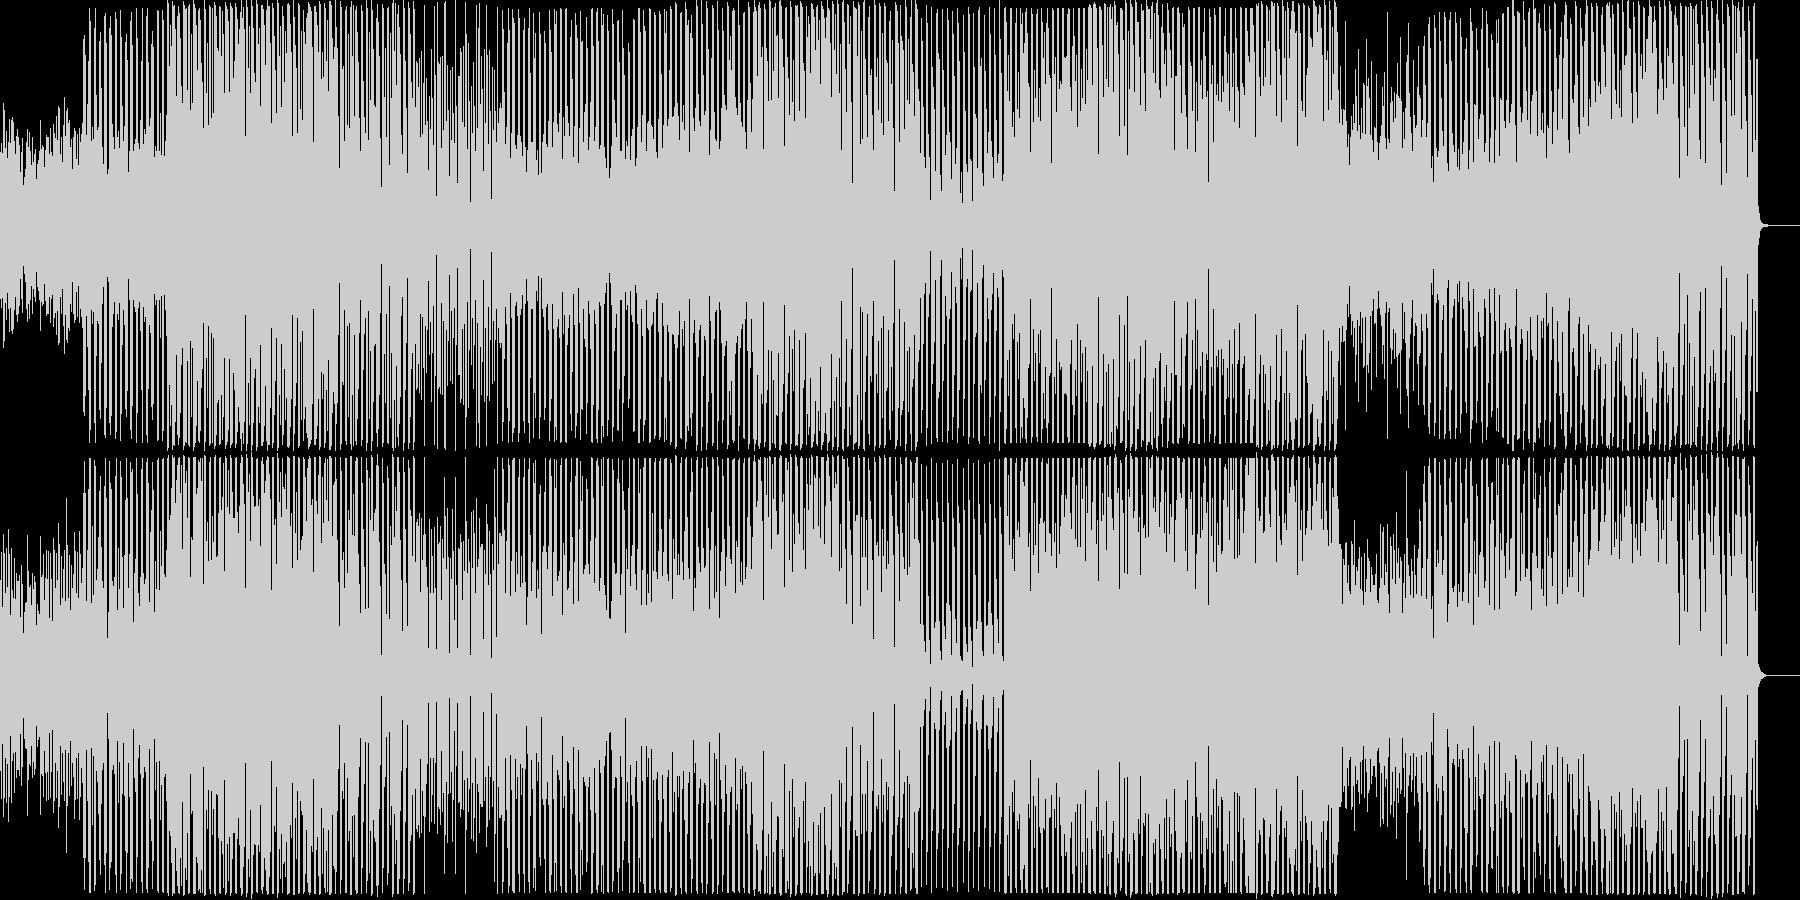 オーケストラ パーカッション ミニマルの未再生の波形